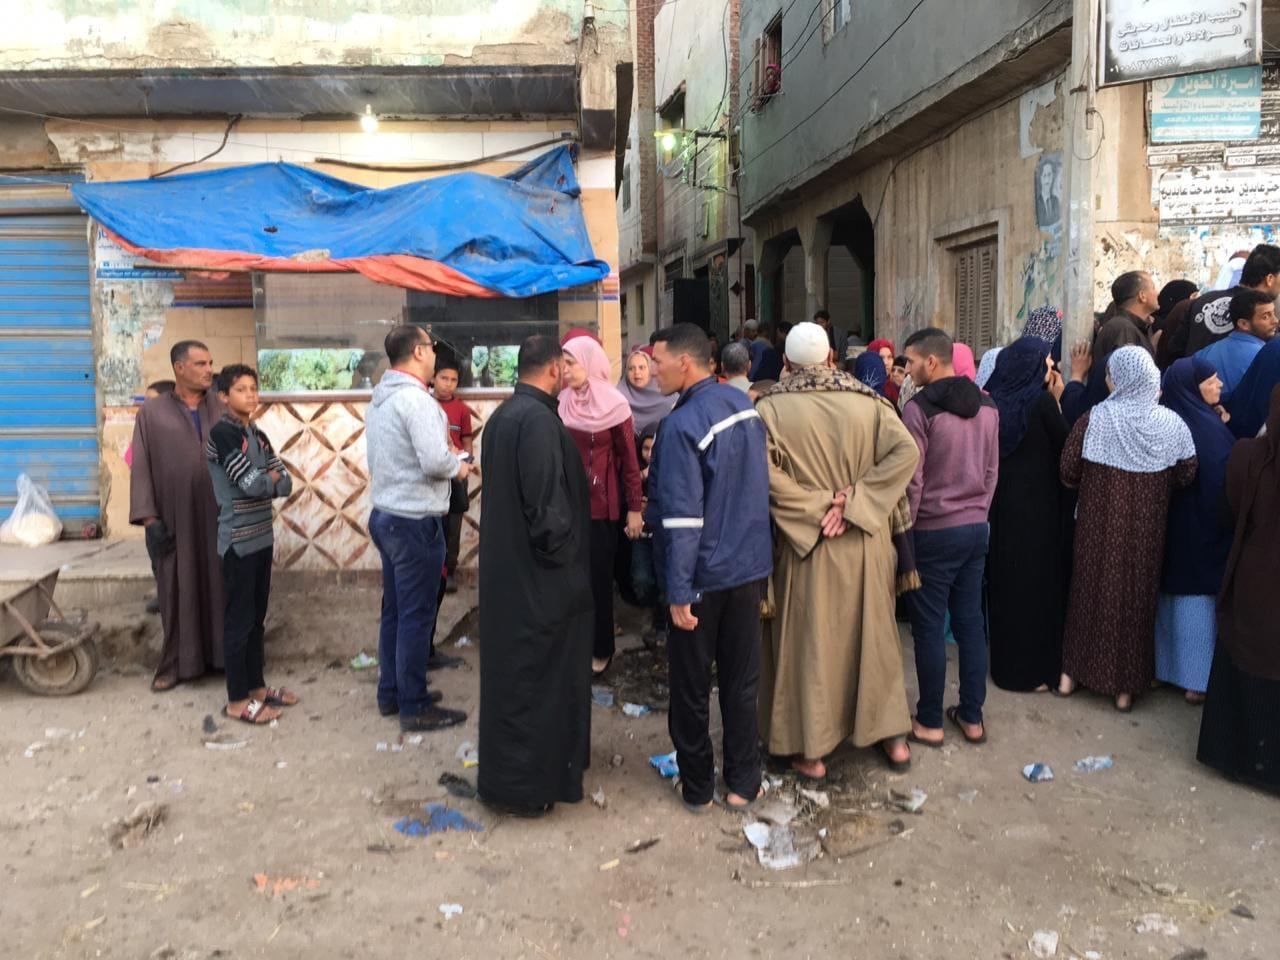 بتوجيهات من المحافظ..حملة مكبرة في مطوبس تضبط مخالفات بالمخابز - (صور) 2